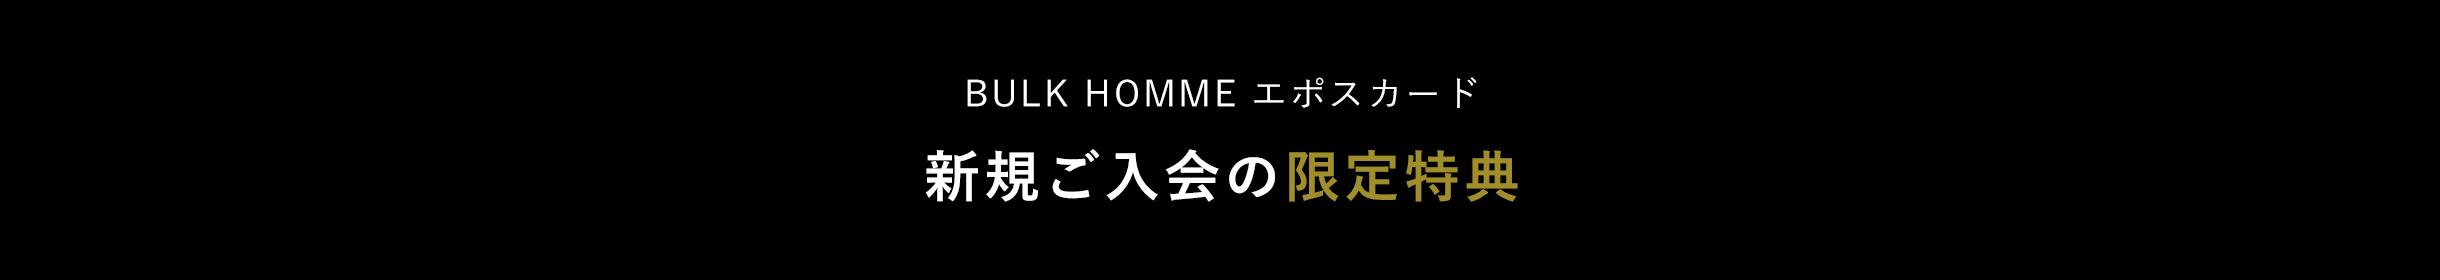 BULK HOMME エポスカード 新規ご入会の限定特典